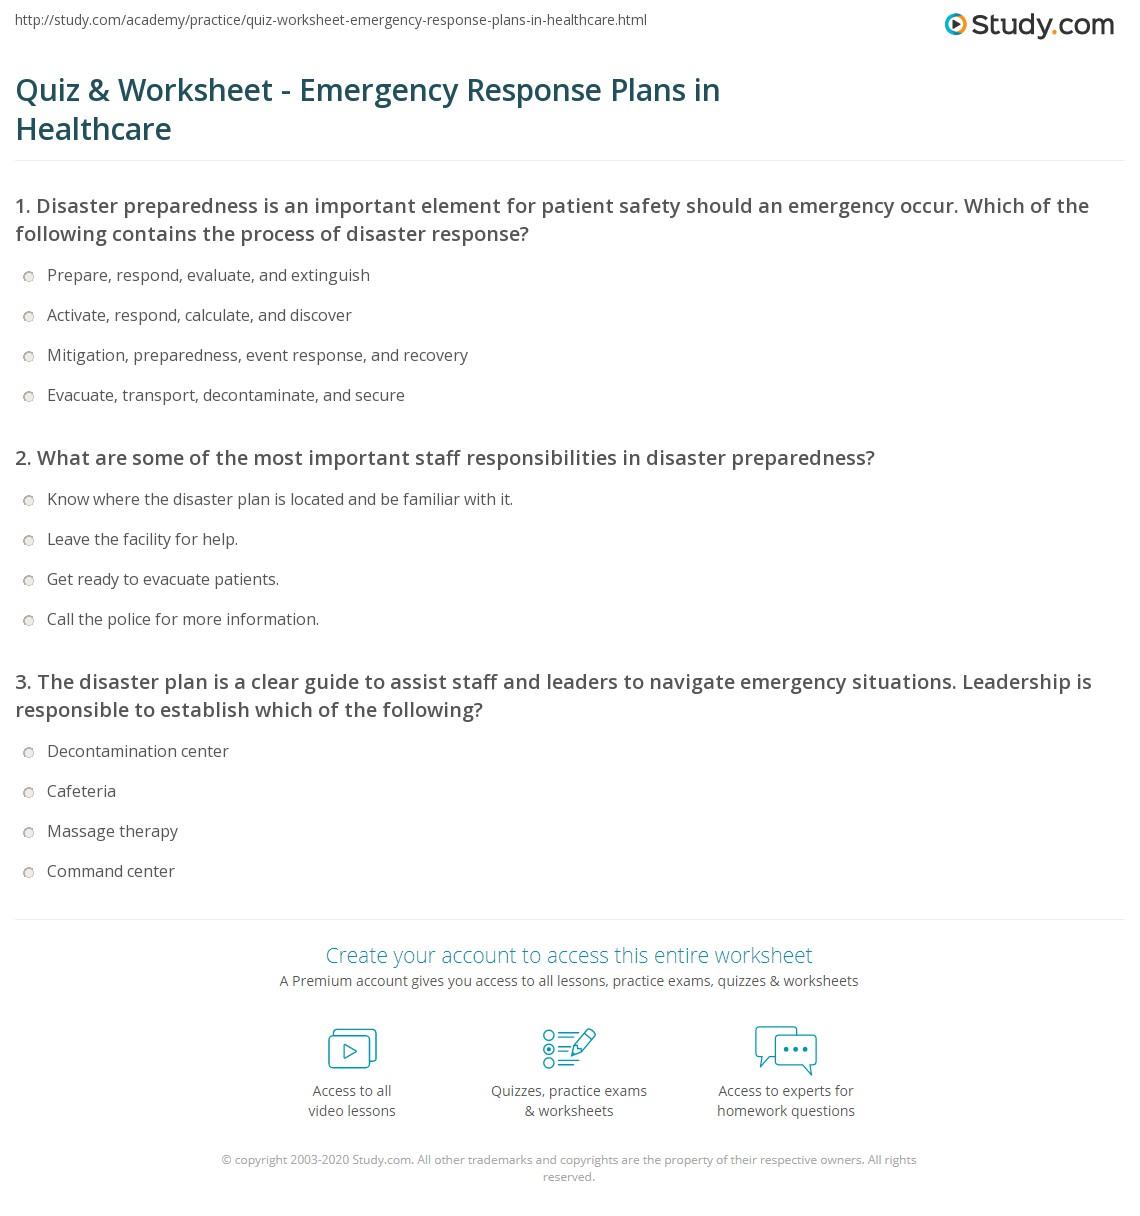 Quiz & Worksheet - Emergency Response Plans in Healthcare